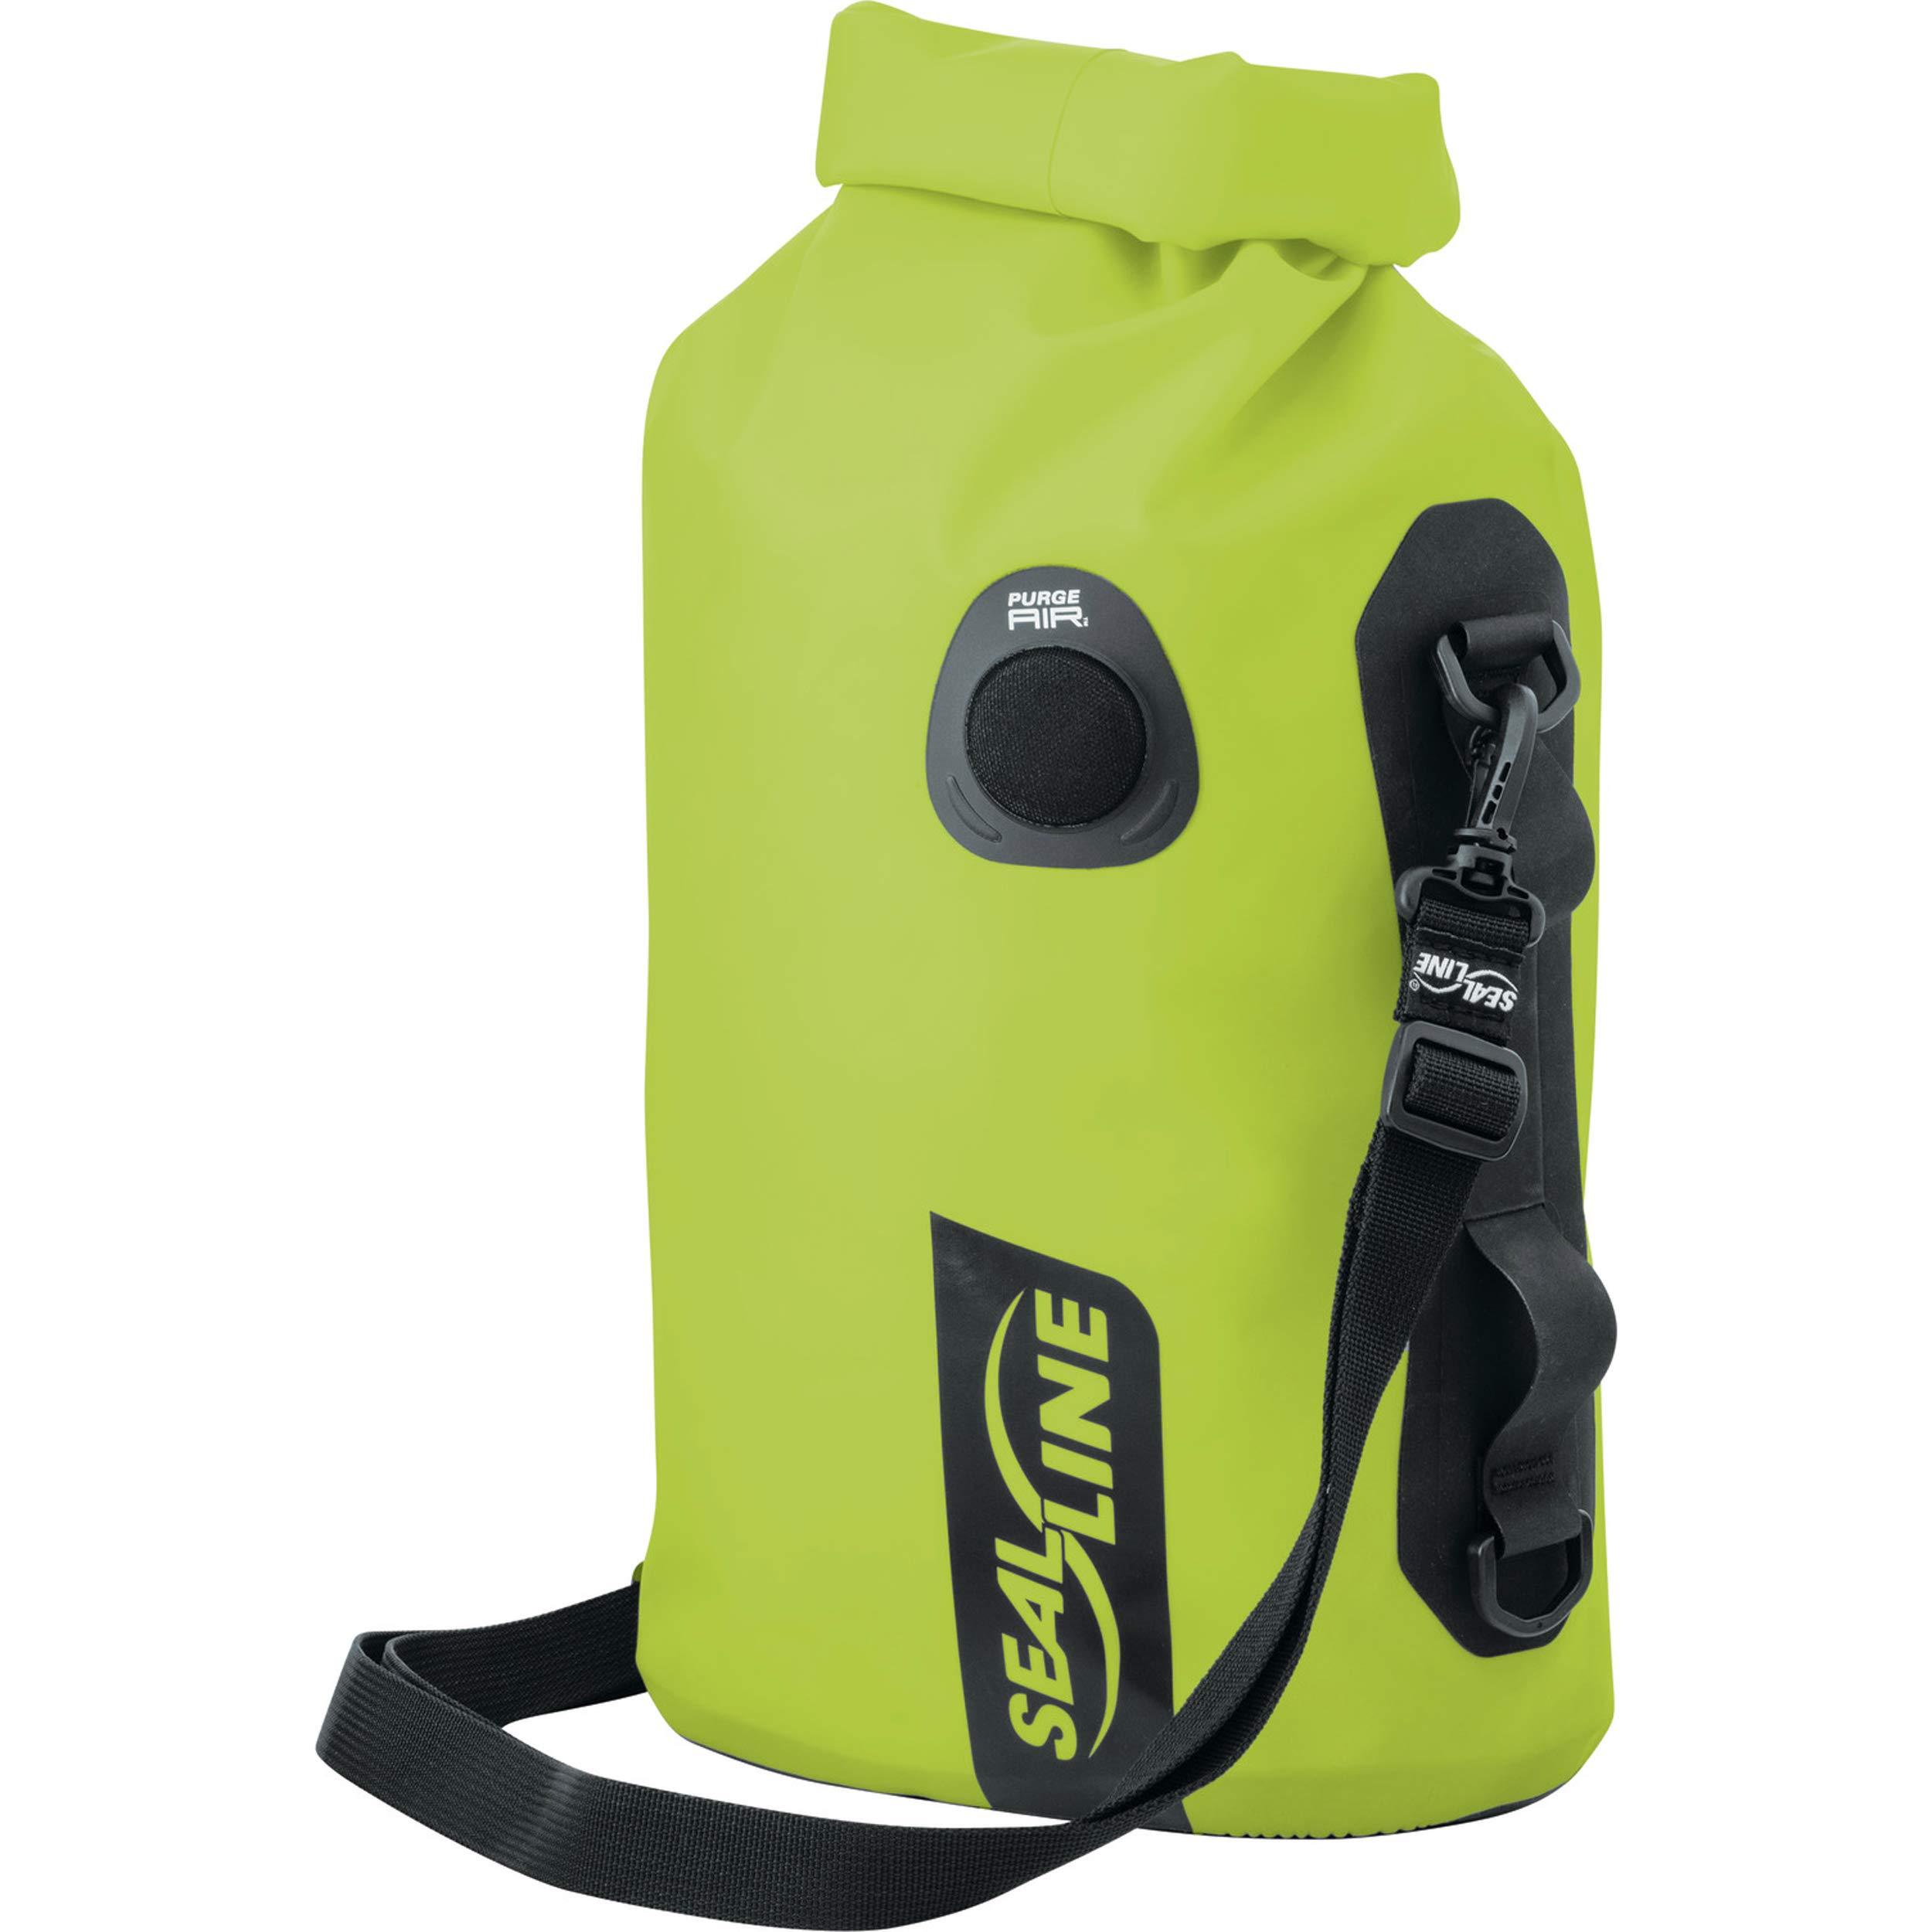 SealLine Discovery Deck Waterproof Dry Bag with PurgeAir, Lime, 10-Liter